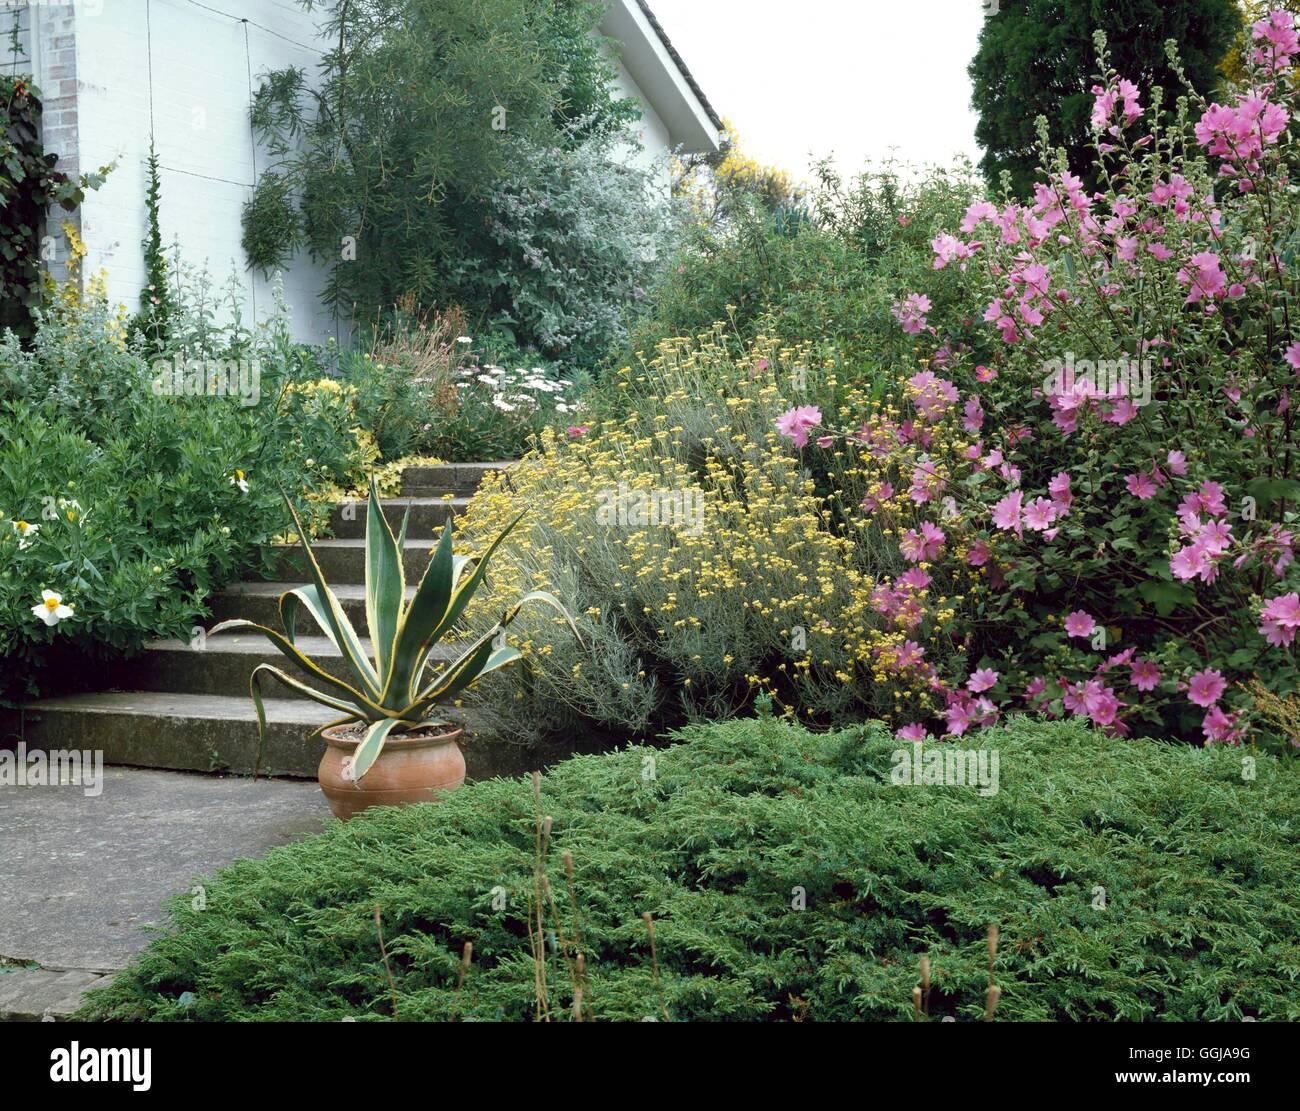 Beth Chatto Gardens The Original Mediterranean Garden Entrance